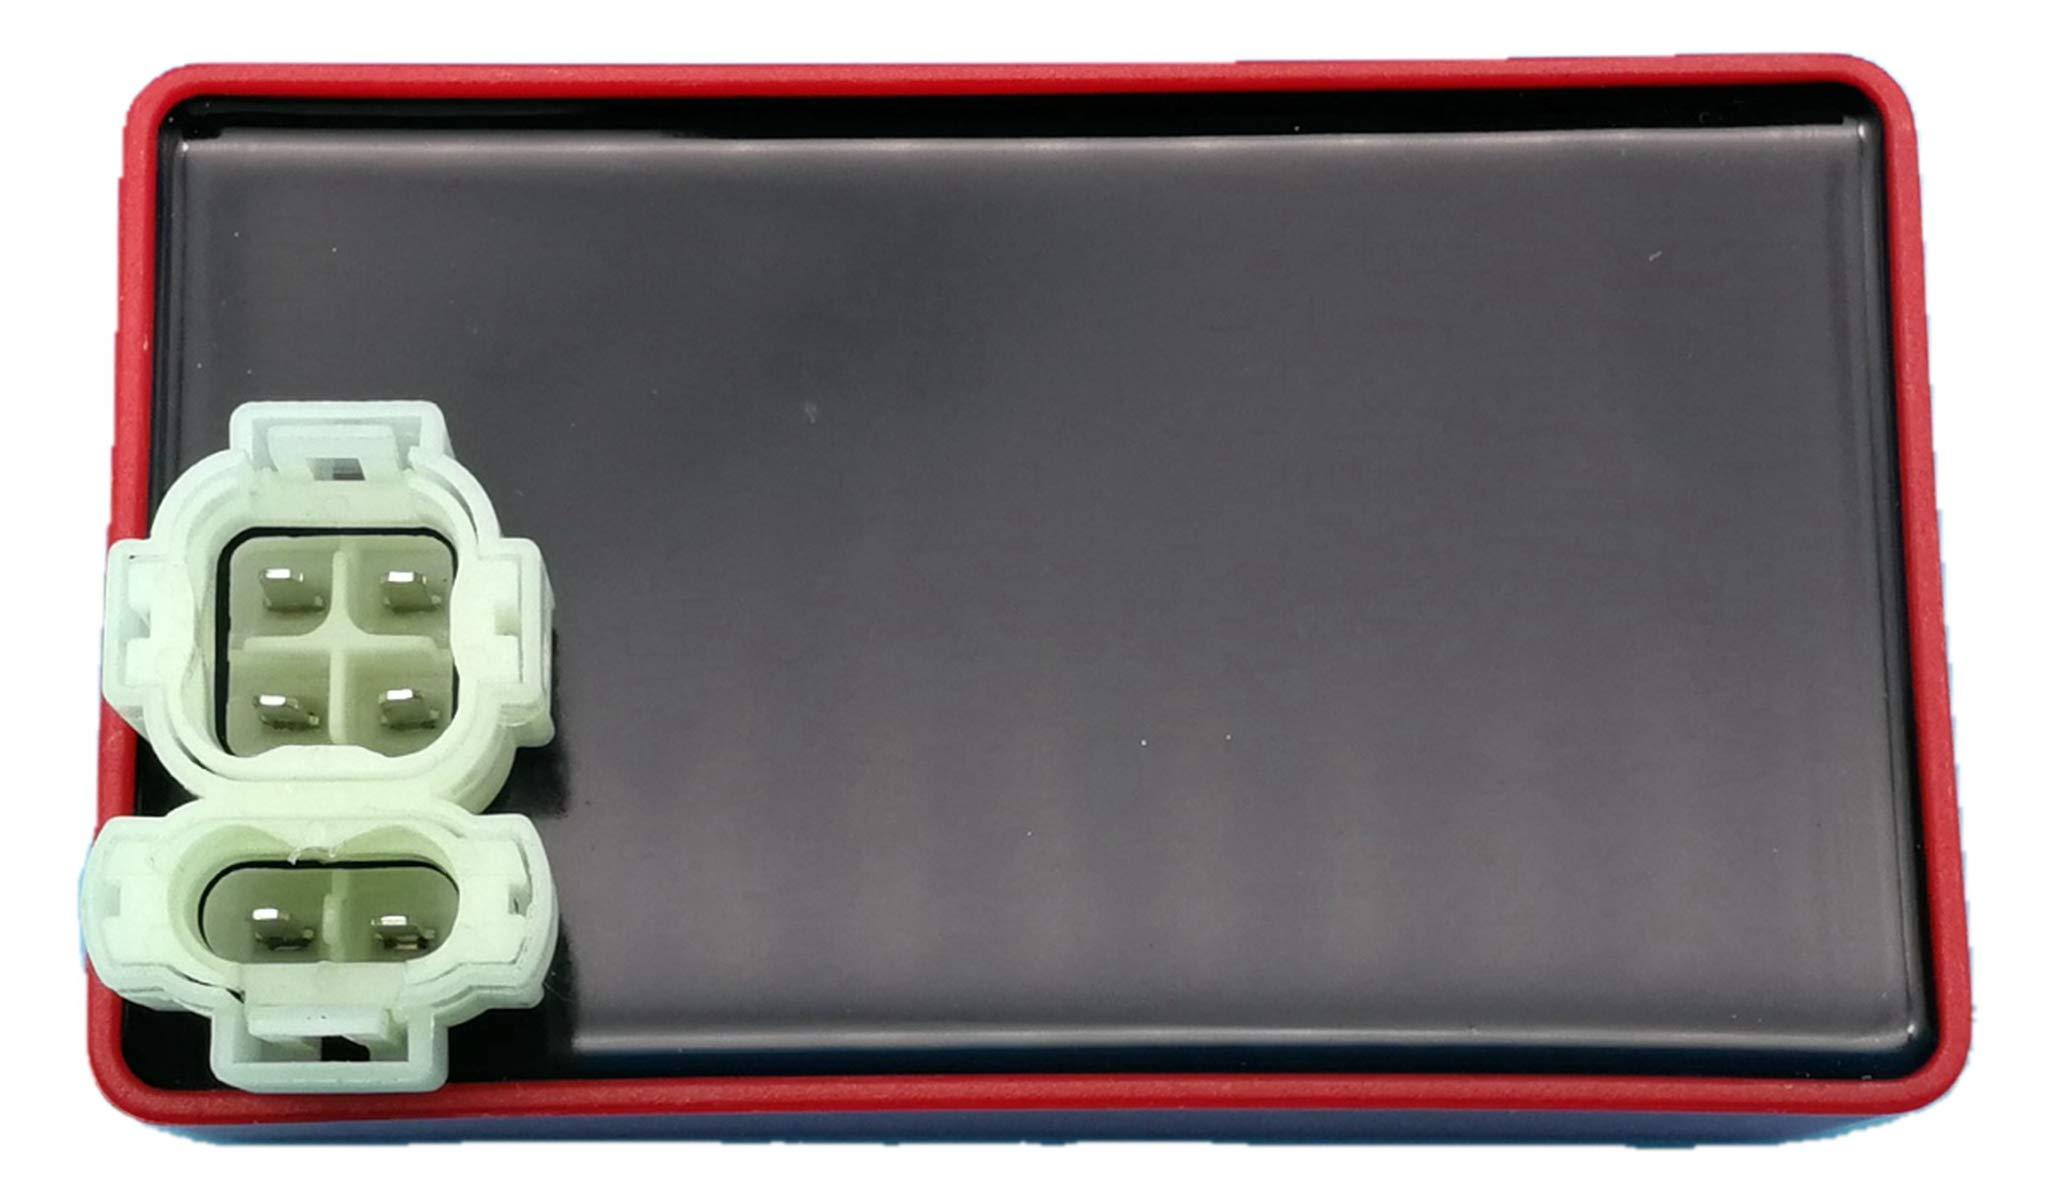 Tuzliufi Replace CDI Box Honda TRX300 TRX300FW TRX400 TRX 300 400 Fourtrax FW Foreman 1994 1995 1996 1997 1998 1999 2000 2001 2002 2003 30410-HM5-505 30410-HM5-671 30410-HM5-672 30410-HM5-670 New Z182 by Tuzliufi